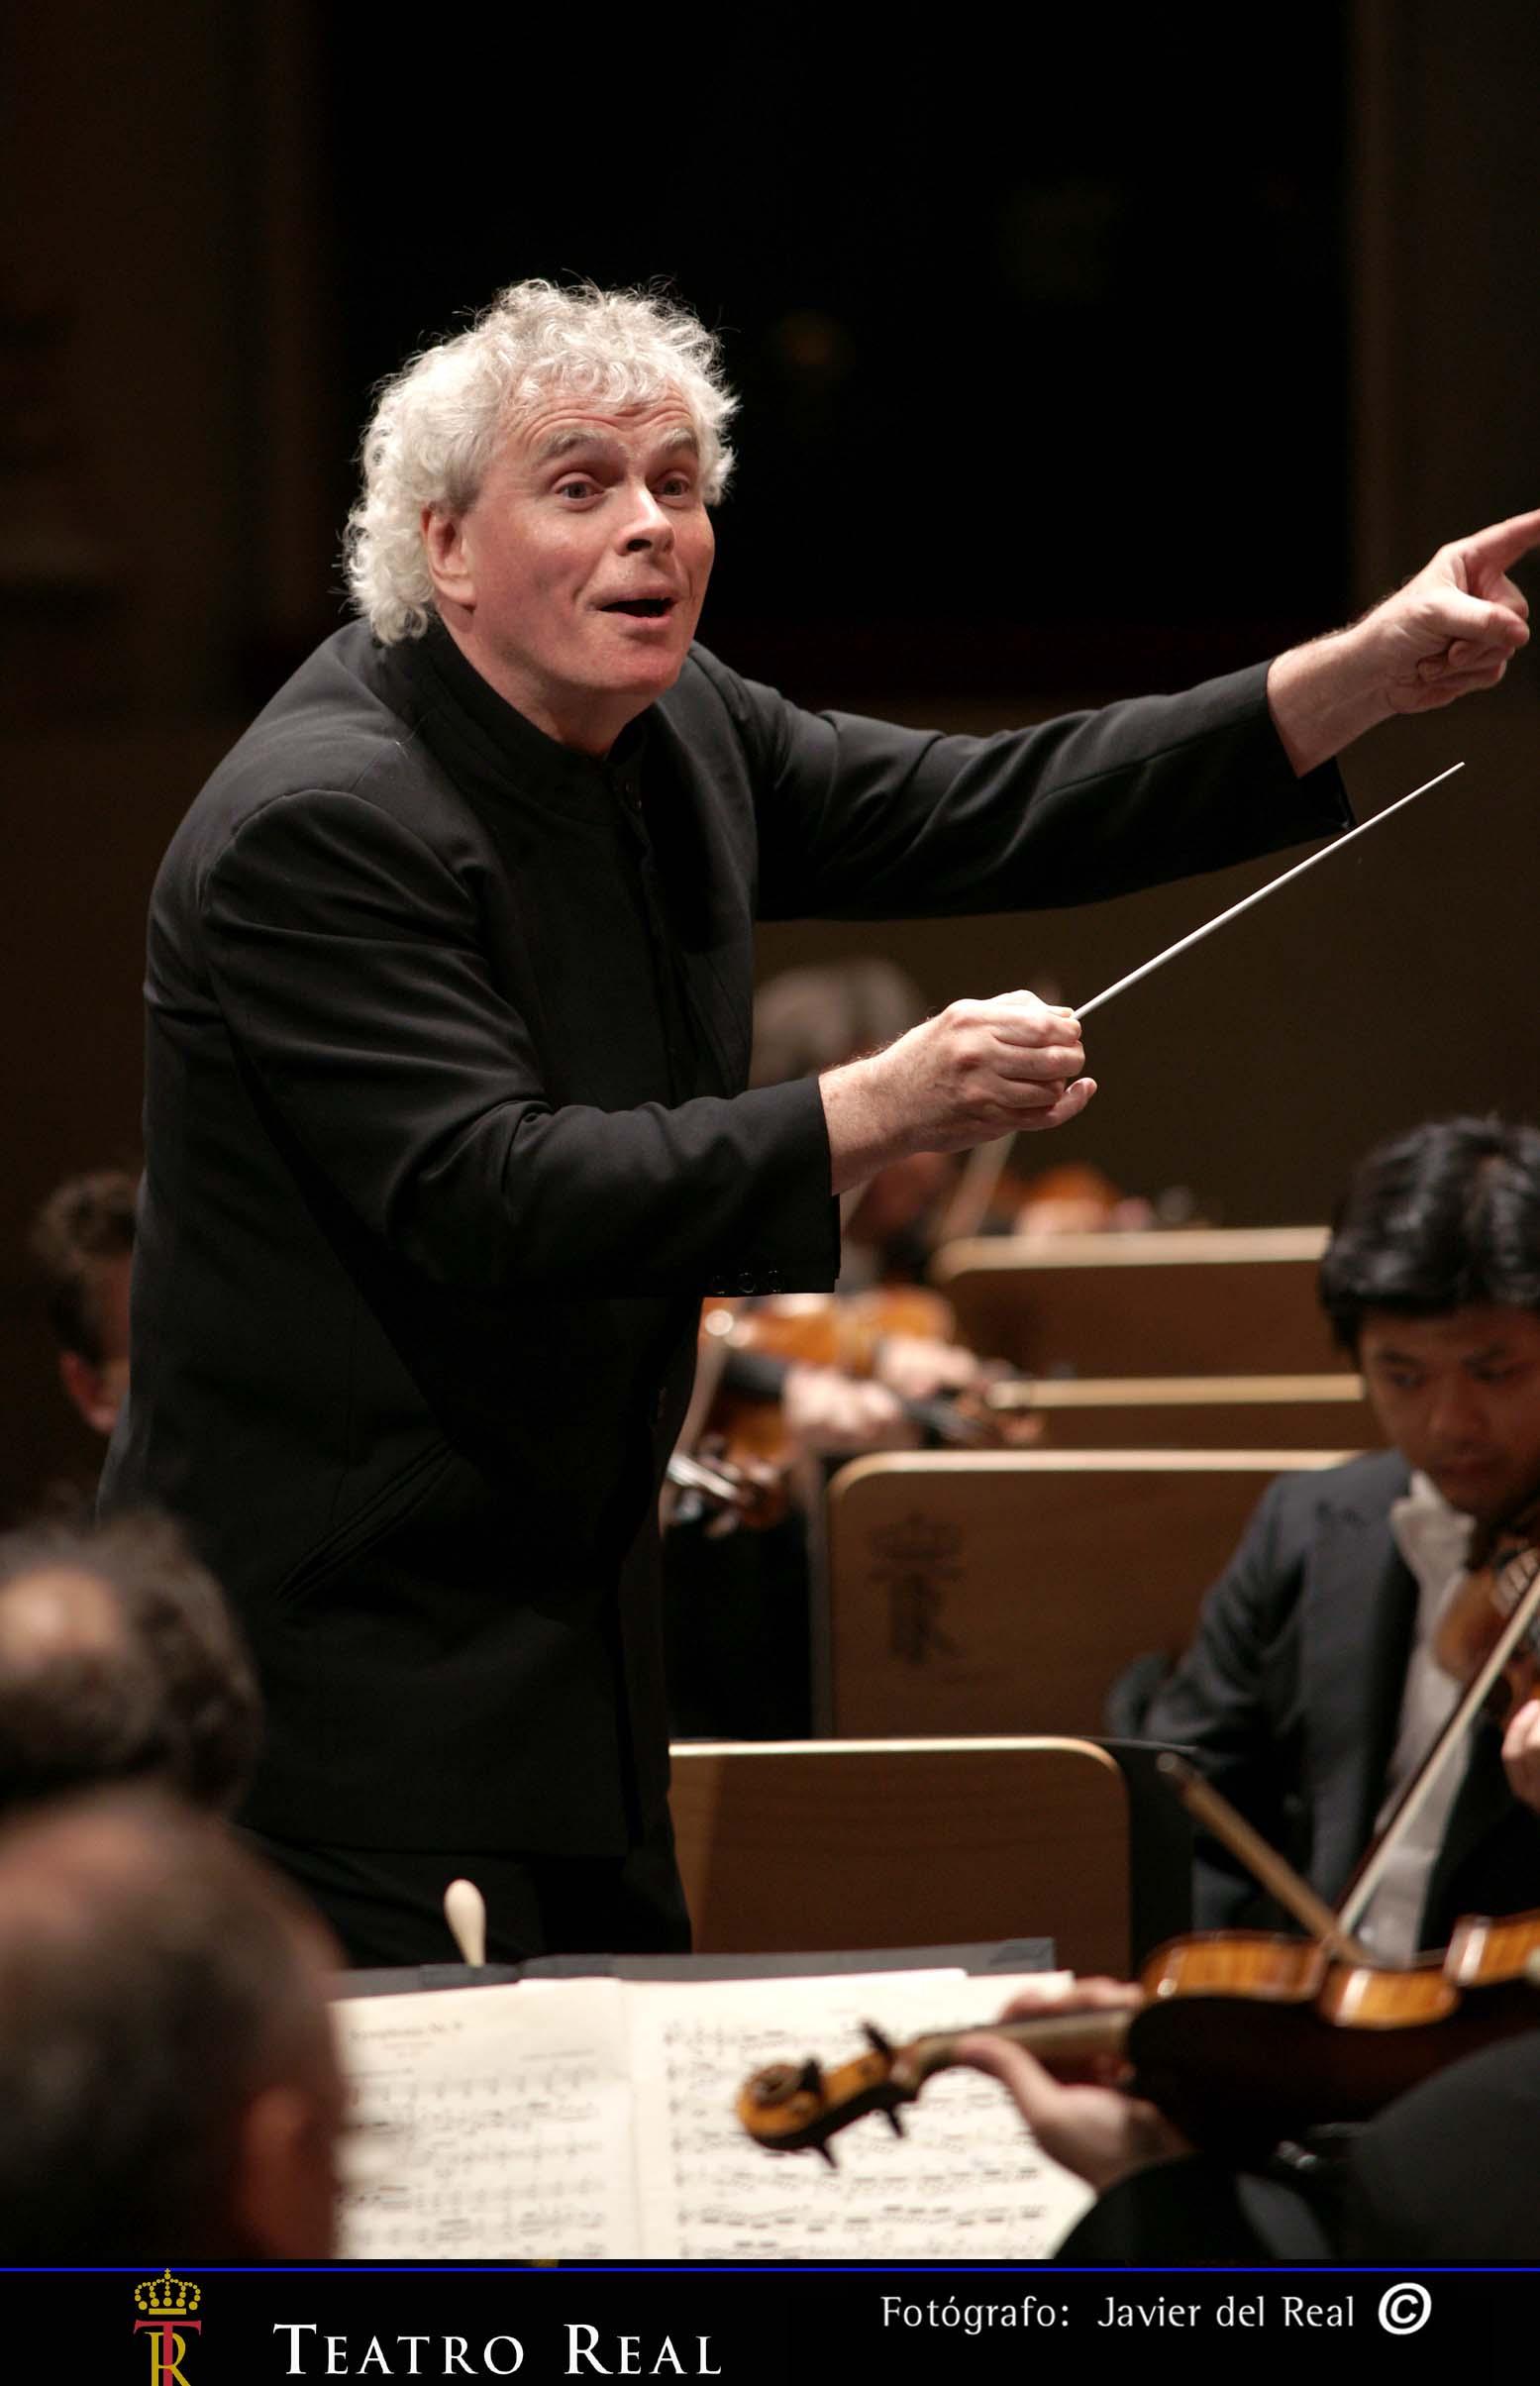 La Novena de Beethoven según Simon Rattle y la Filarmónica de Berlín